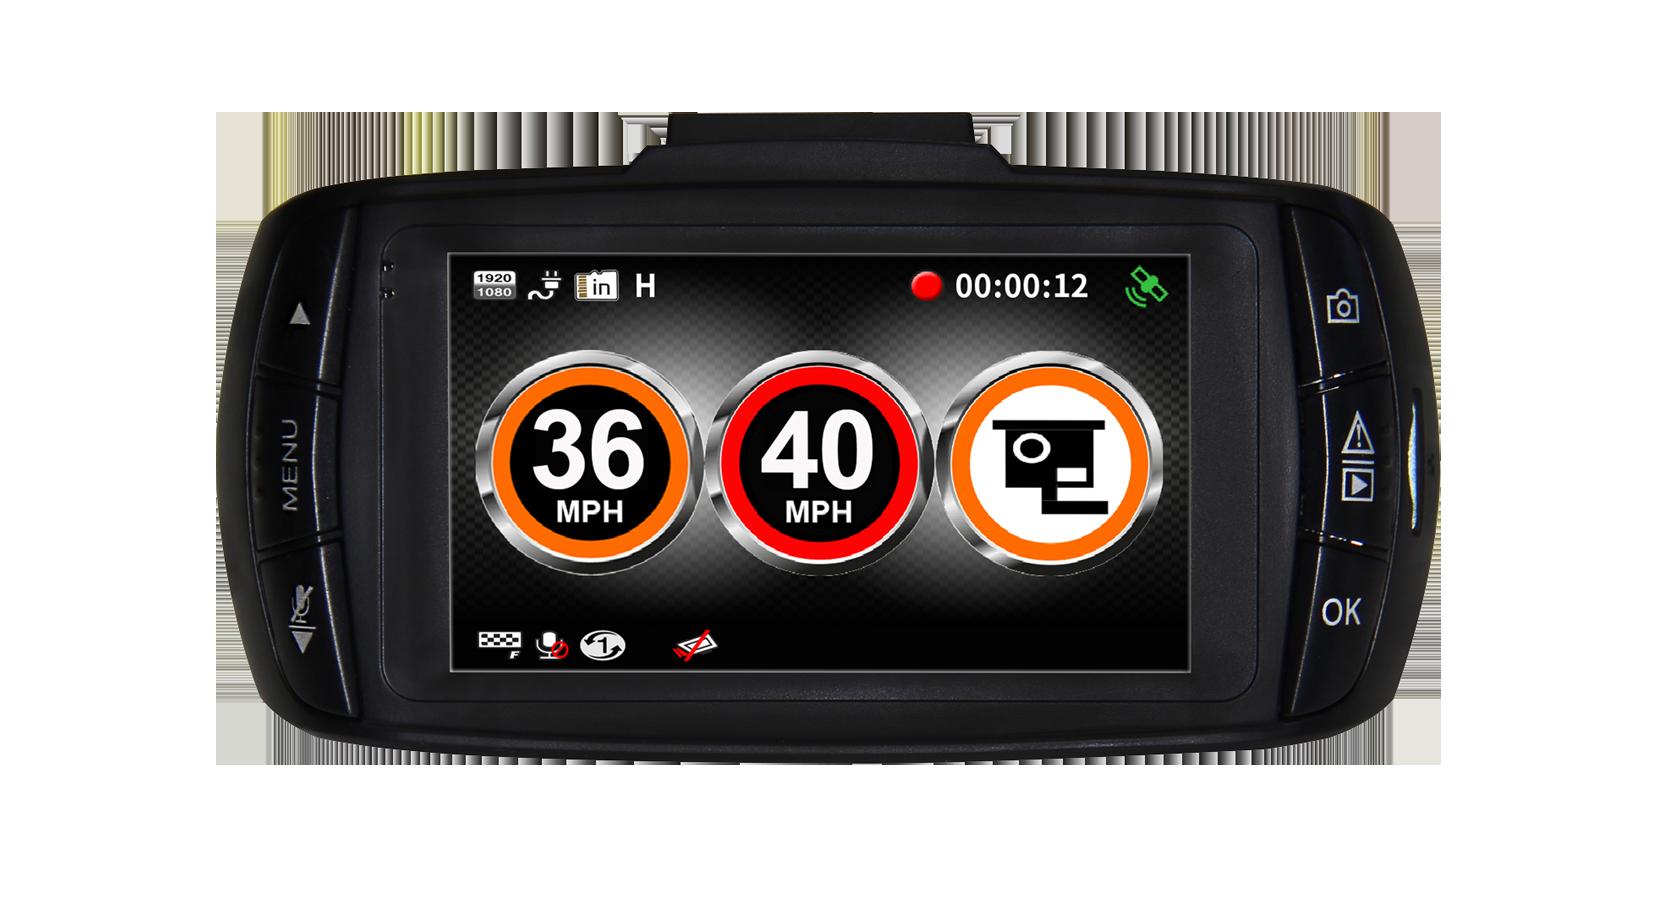 DX1000 rear gatso speed trap alert